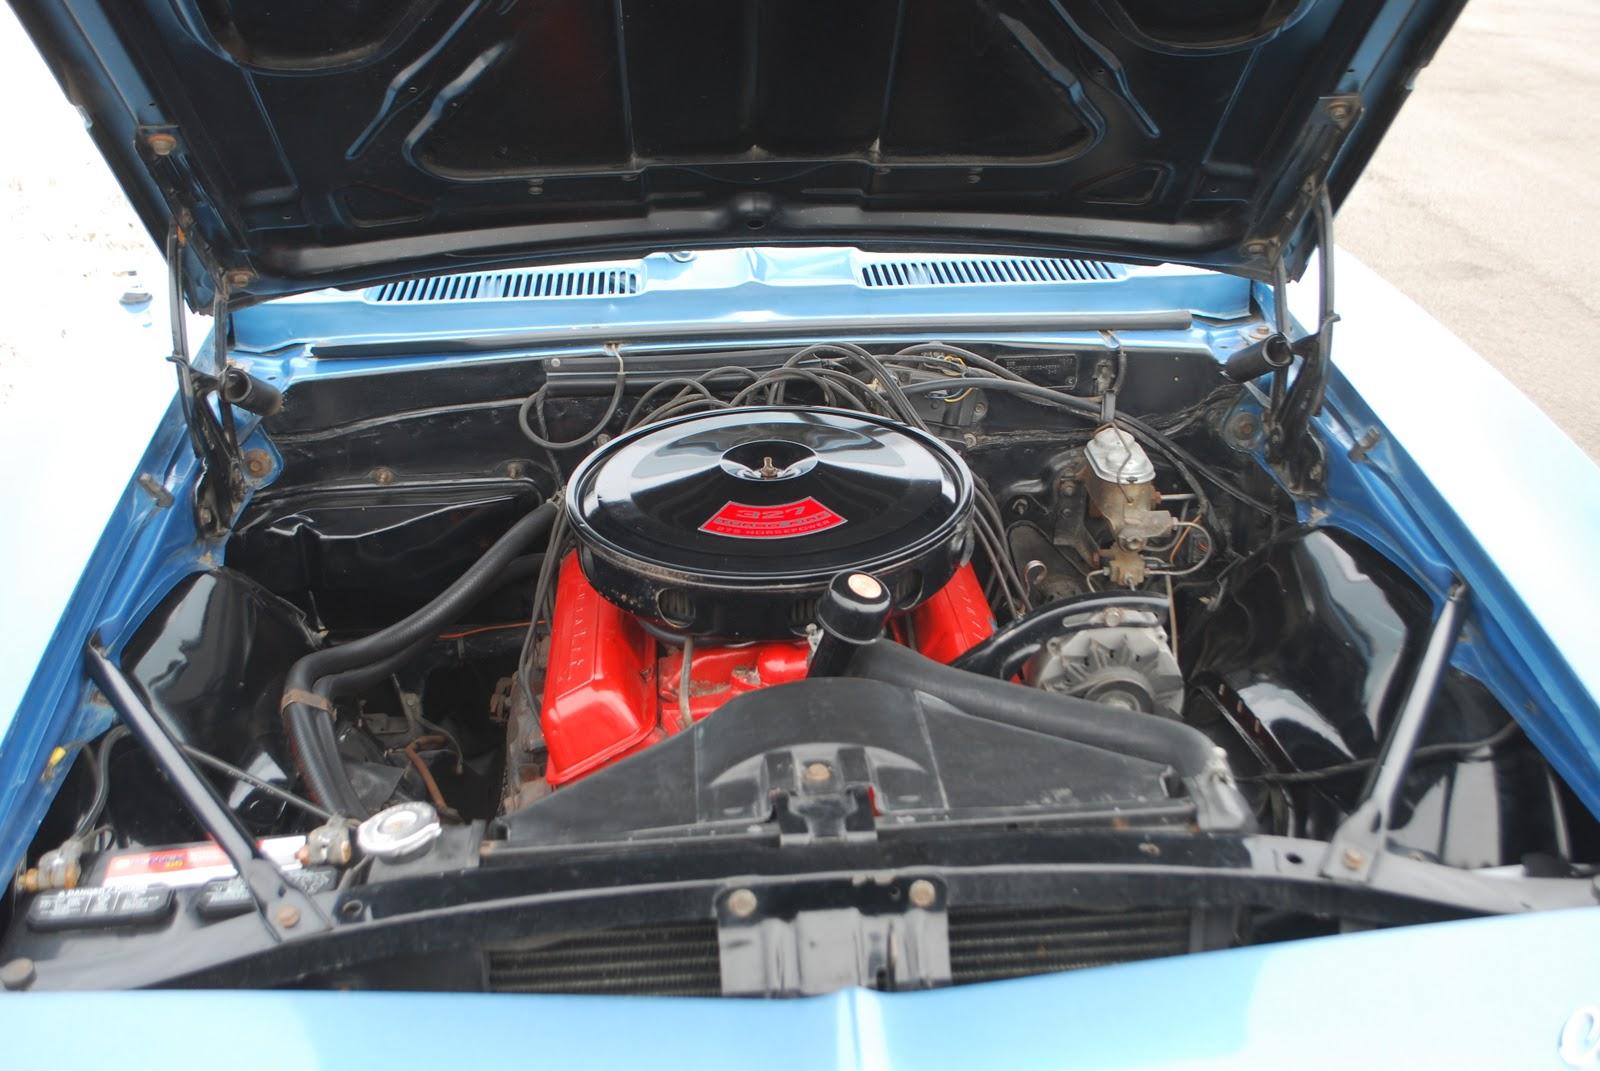 L30/M20 1967 Camaro: The 327